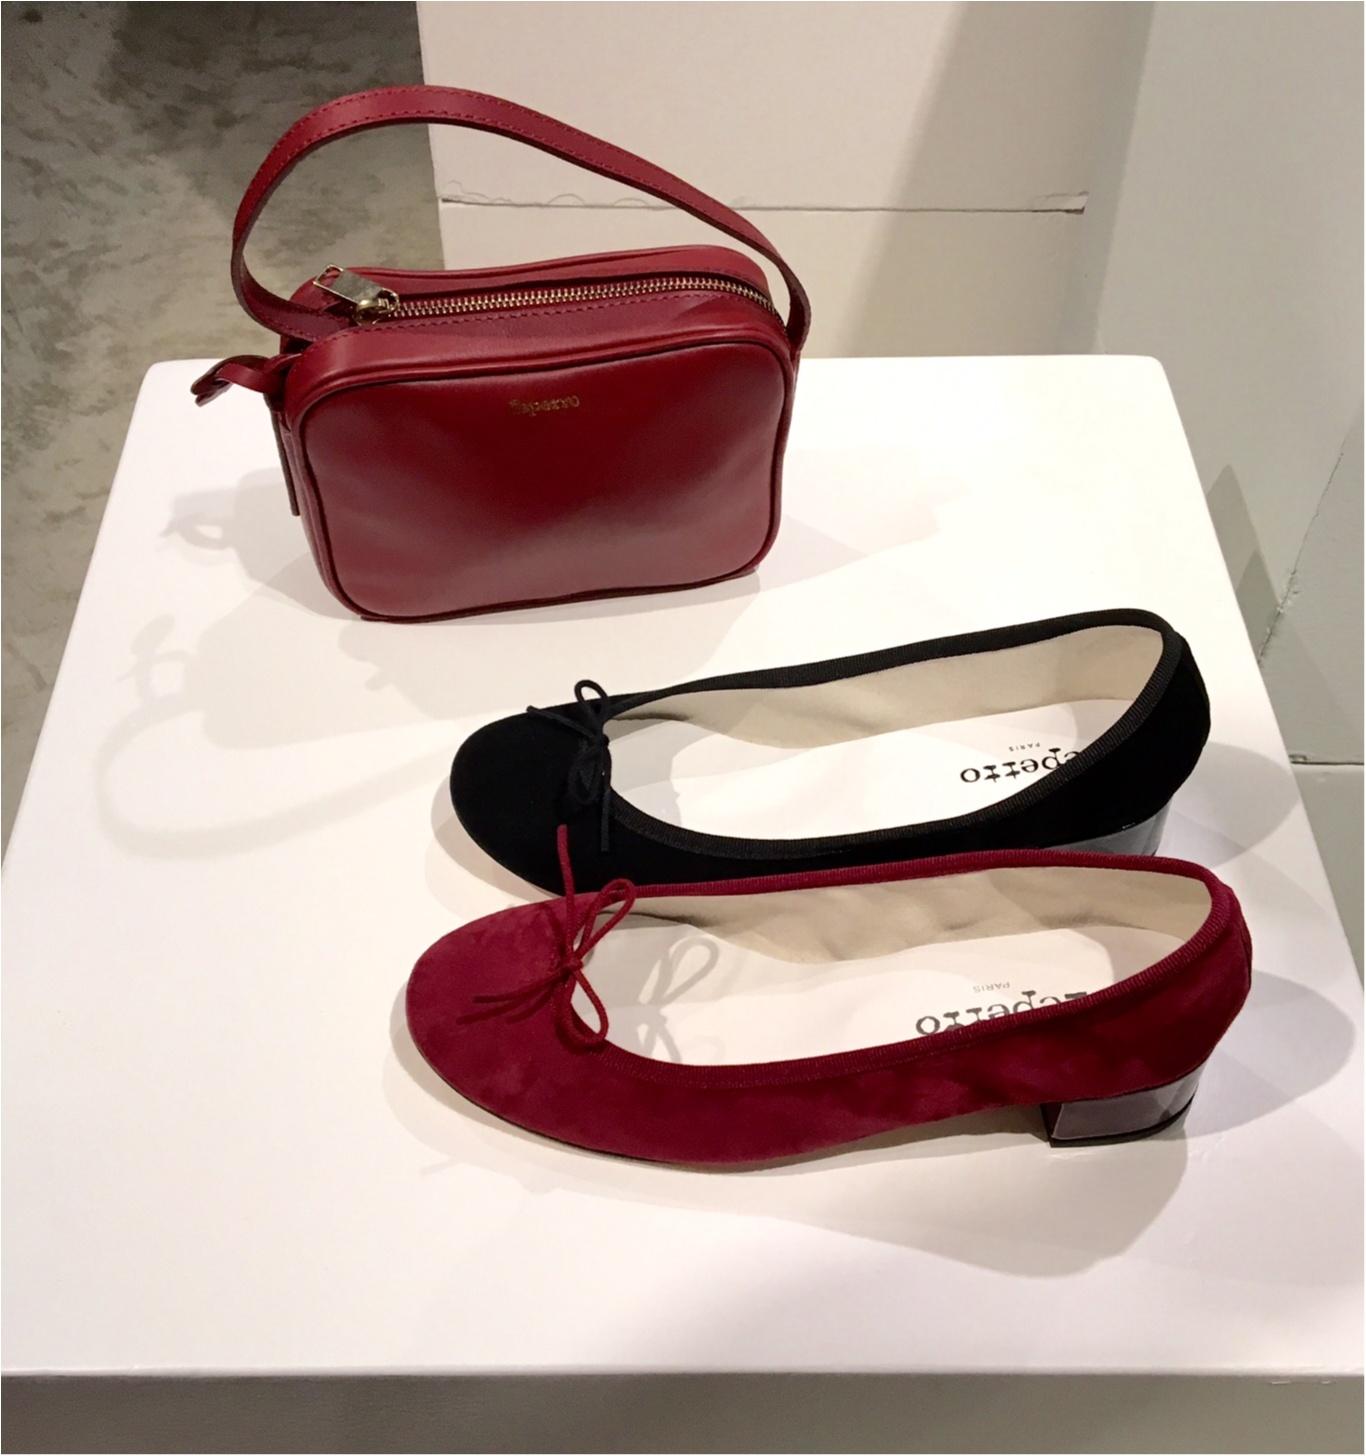 名前までロマンティック♡ 『レペット』から新バッグコレクションが登場!_3